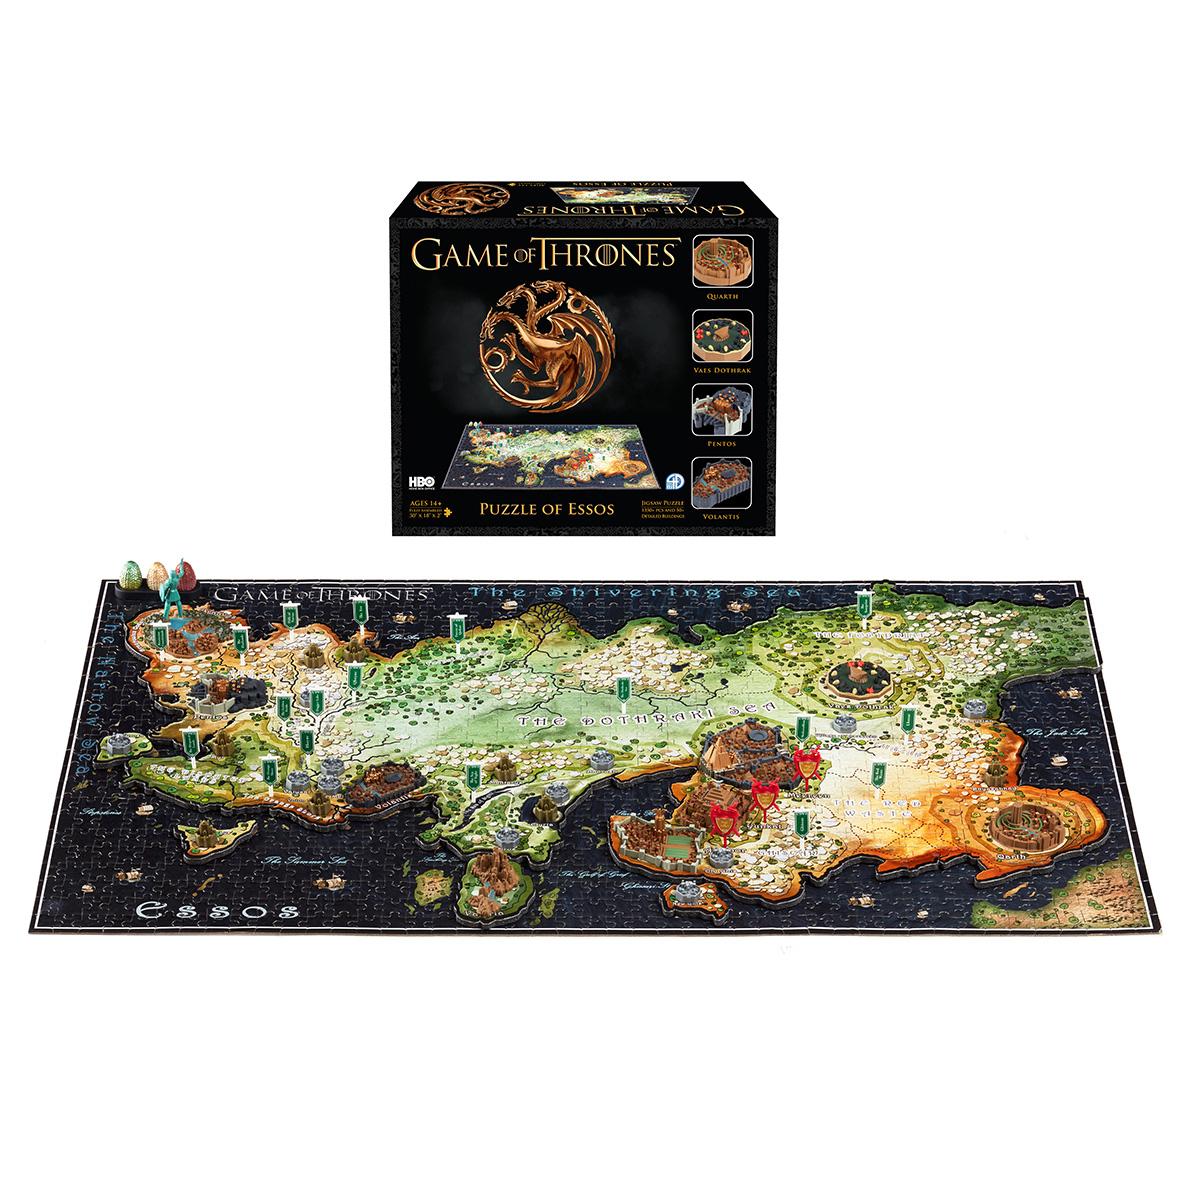 Image of Game of Thrones 3D Puzzle Essos